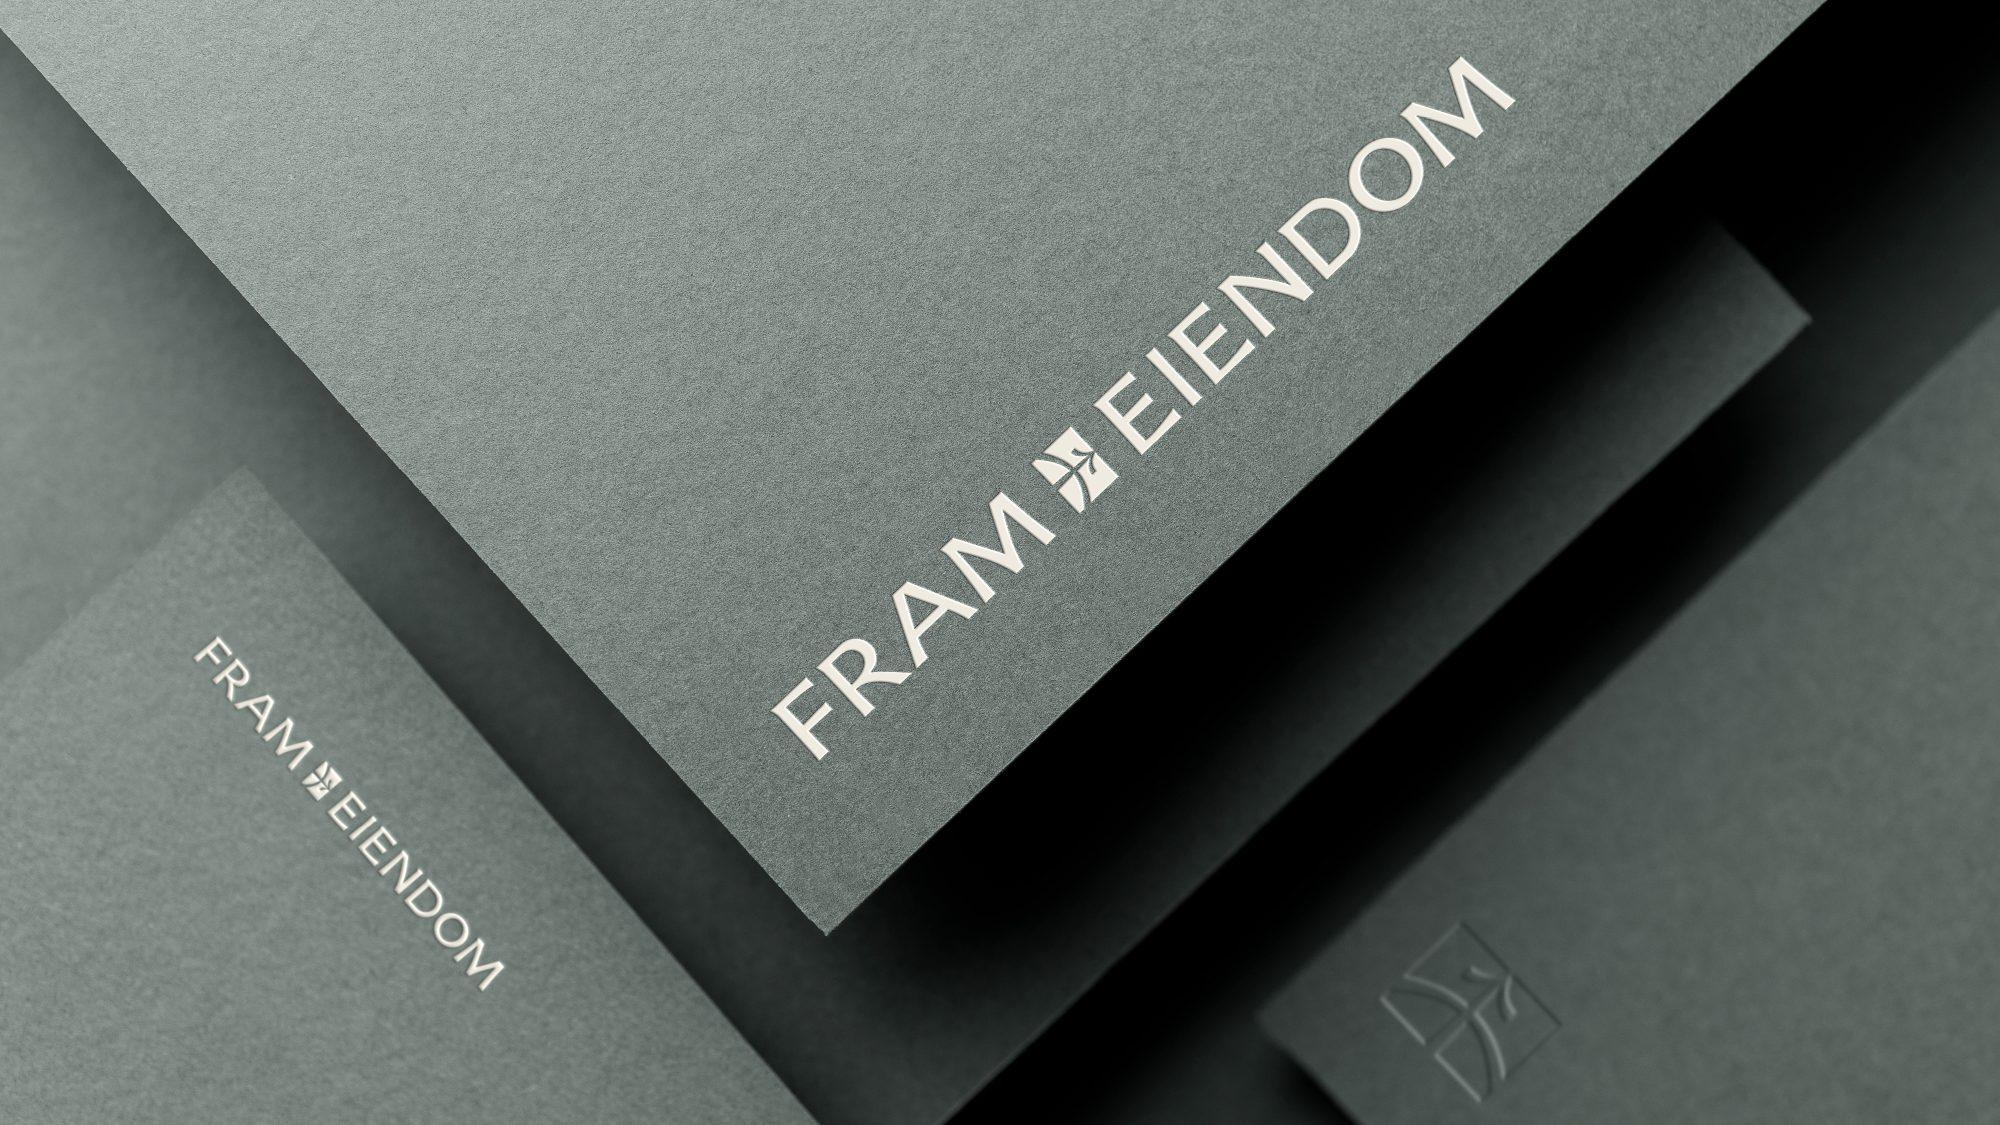 Fram_Eiendom_presentasjon12